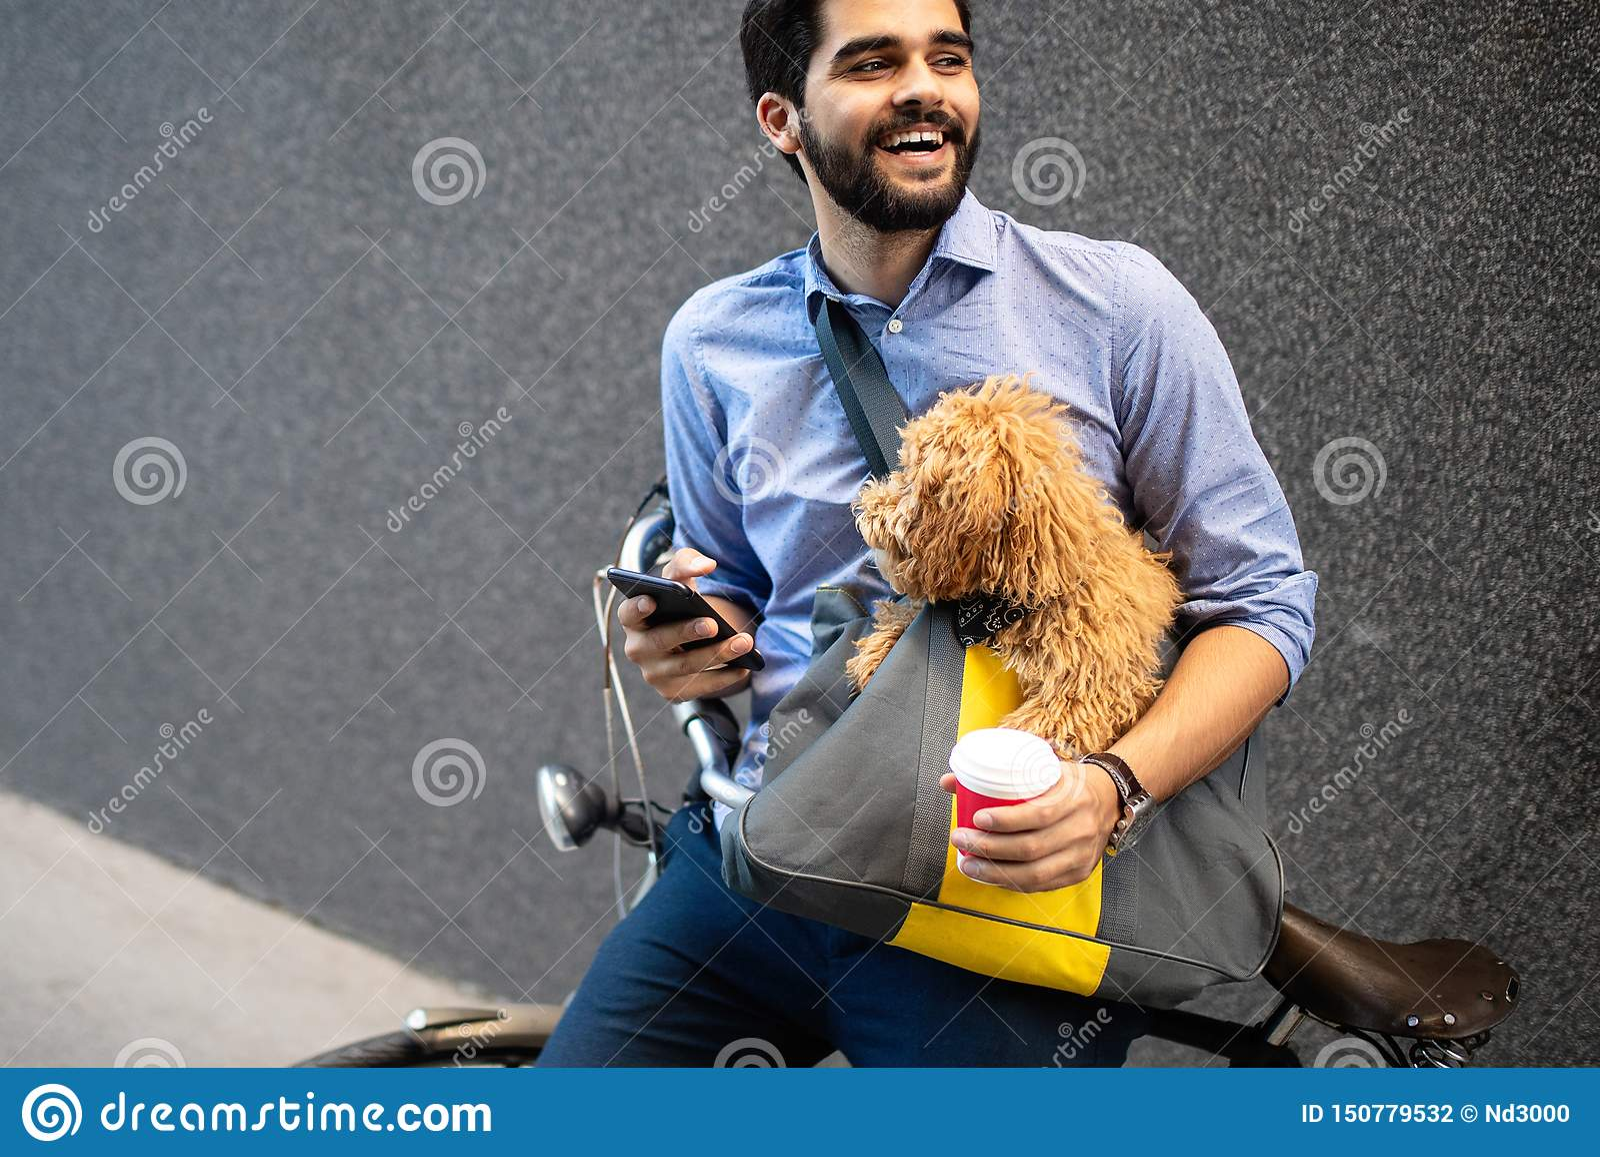 Levensstijl, vervoer, mededeling en mensenconcept Jonge mens met fiets en smartphone op stadsstraat